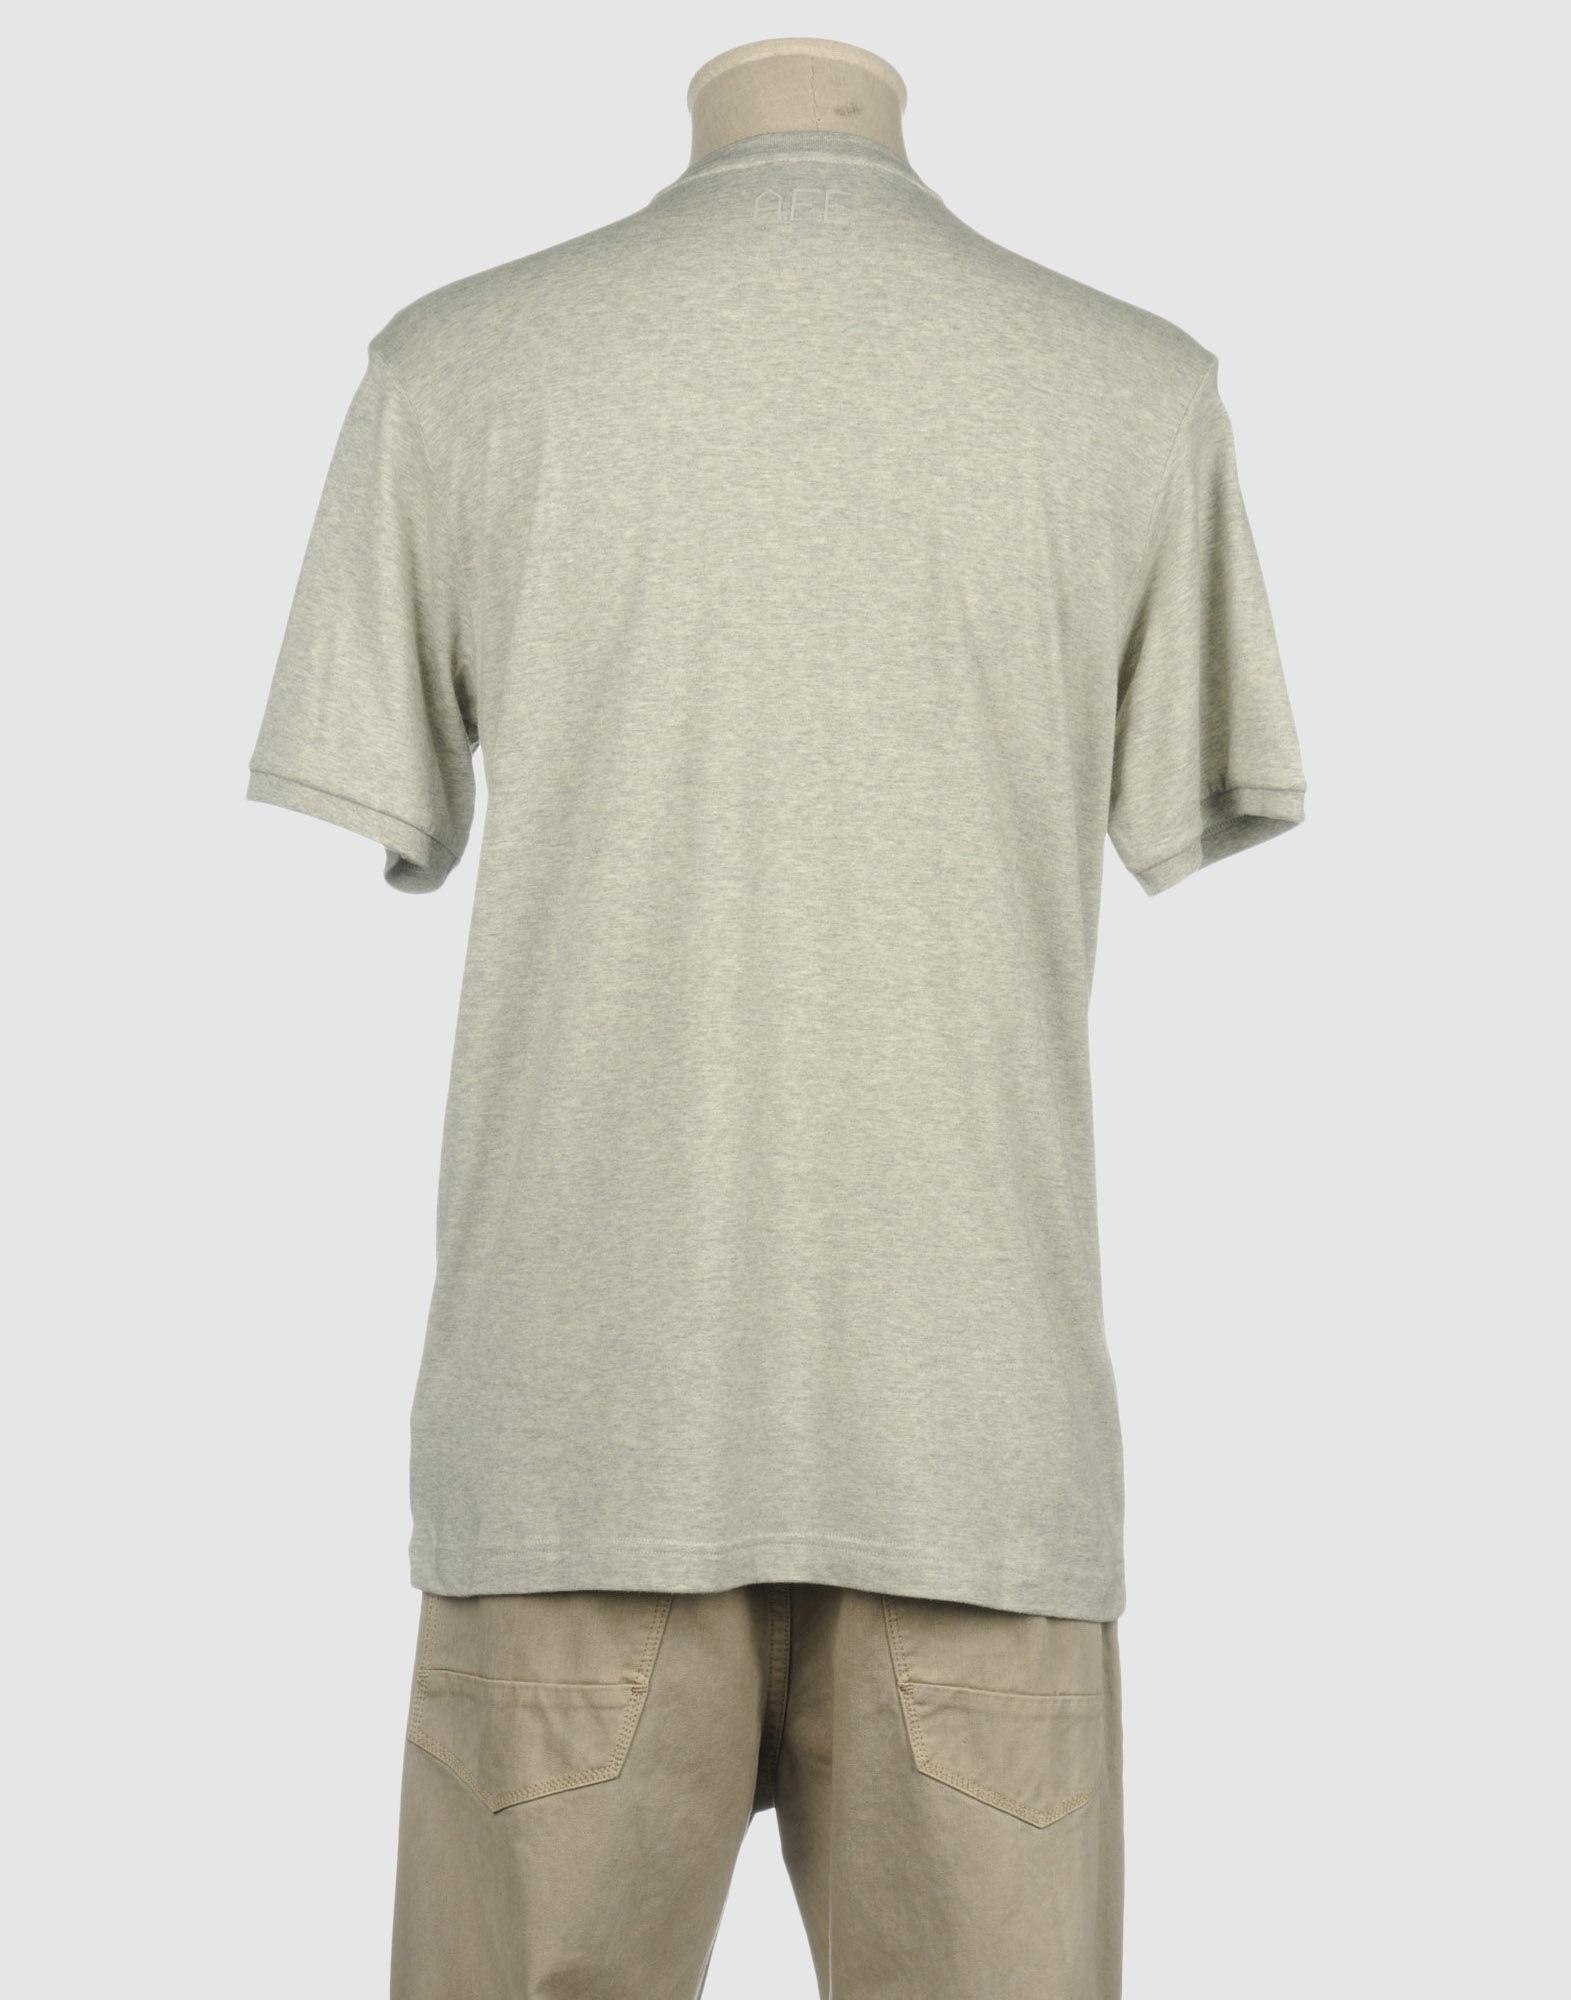 Nike short sleeve t shirt in gray for men lyst for Nike short sleeve shirt